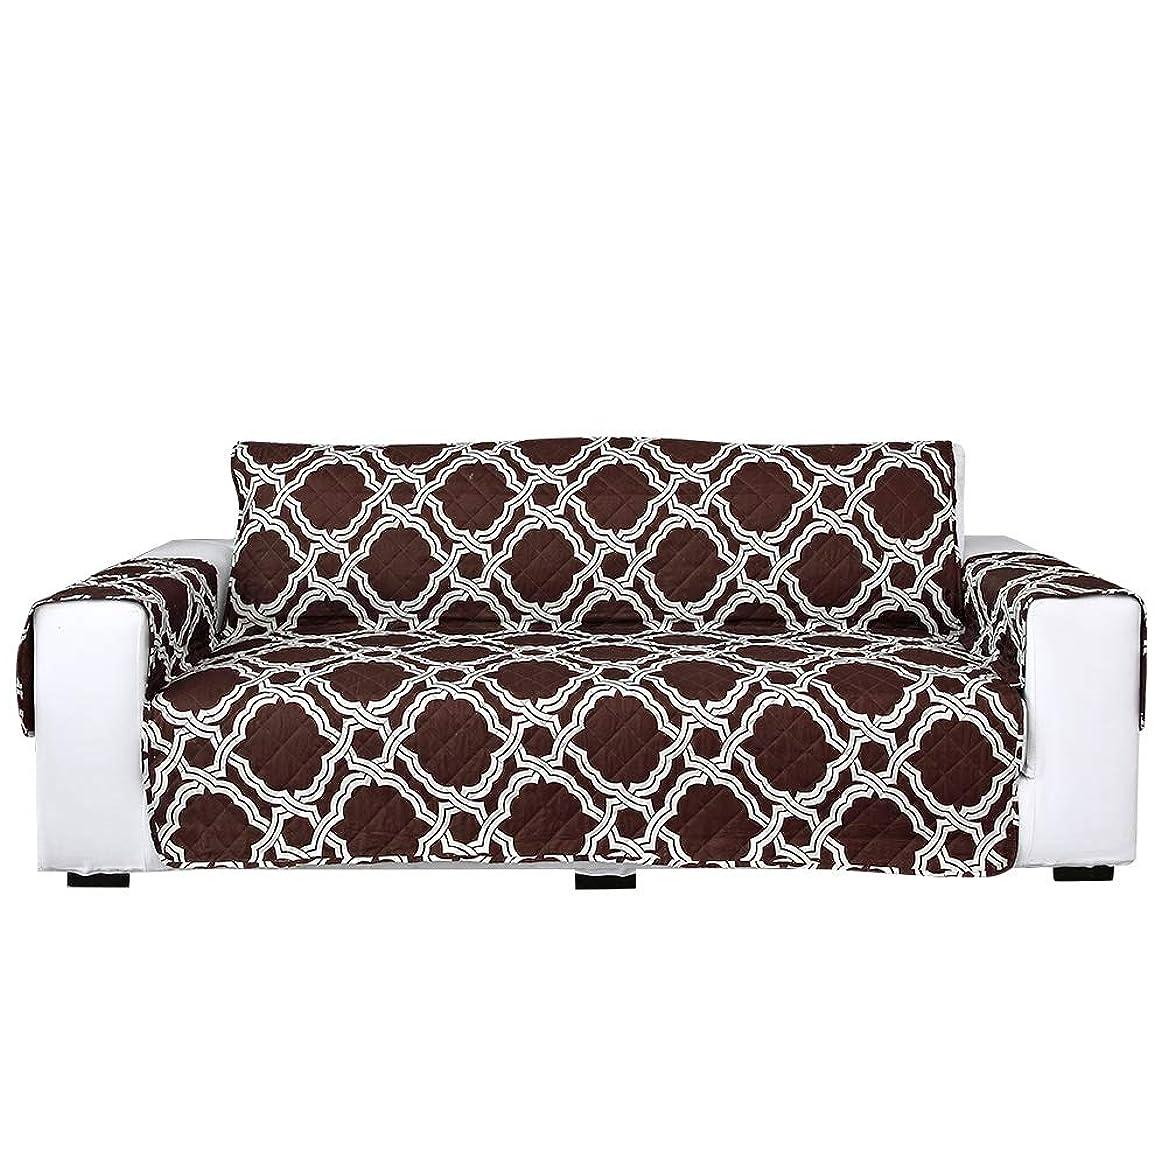 食欲解放するボックスソファのための両面弾性防塵スリップカバーソファカバー家具プロテクタークッション(#2)